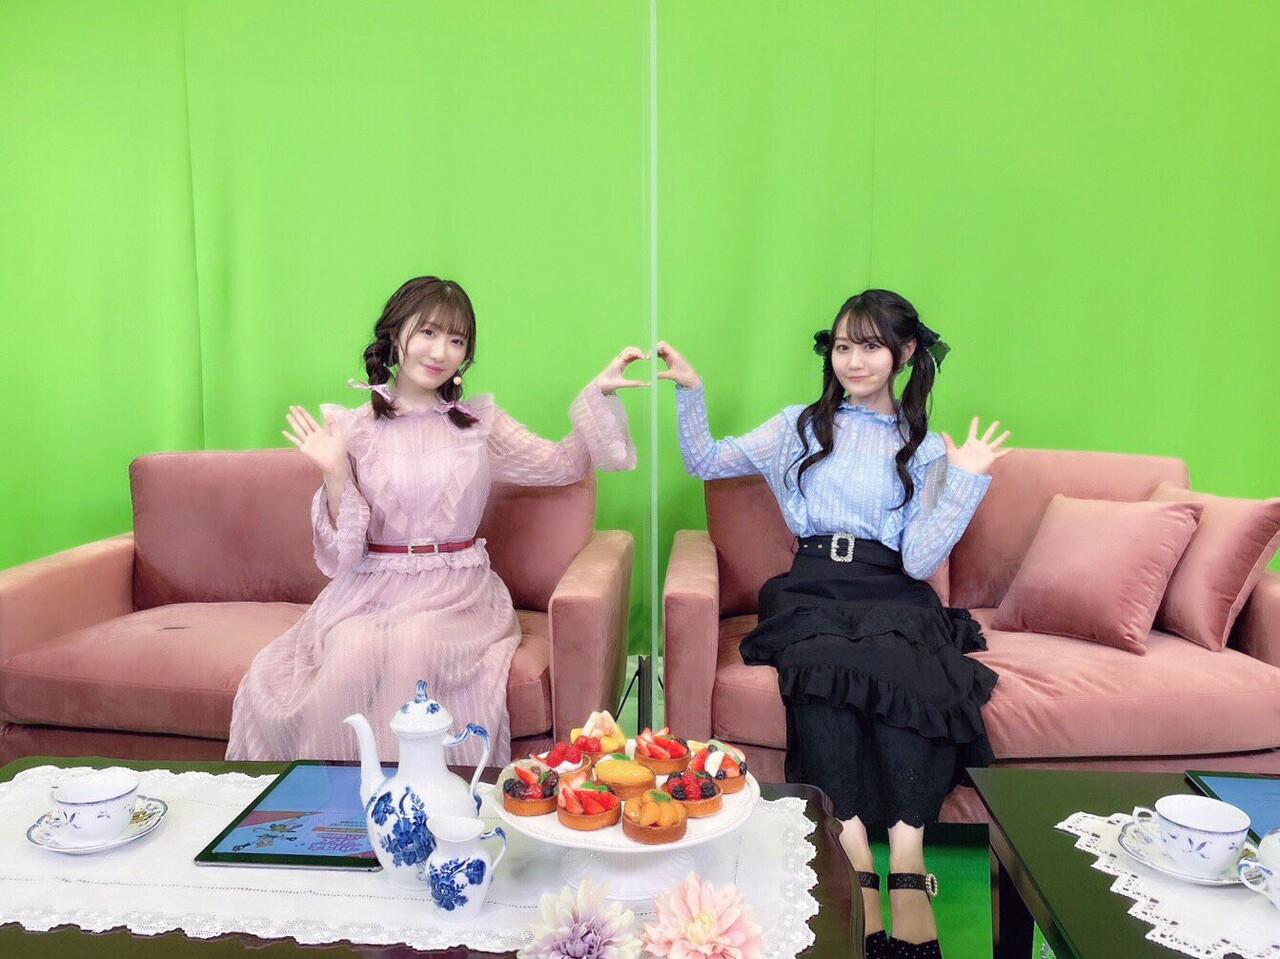 【朗報】声優の日高里菜さんと小倉唯さん、ガチ天使